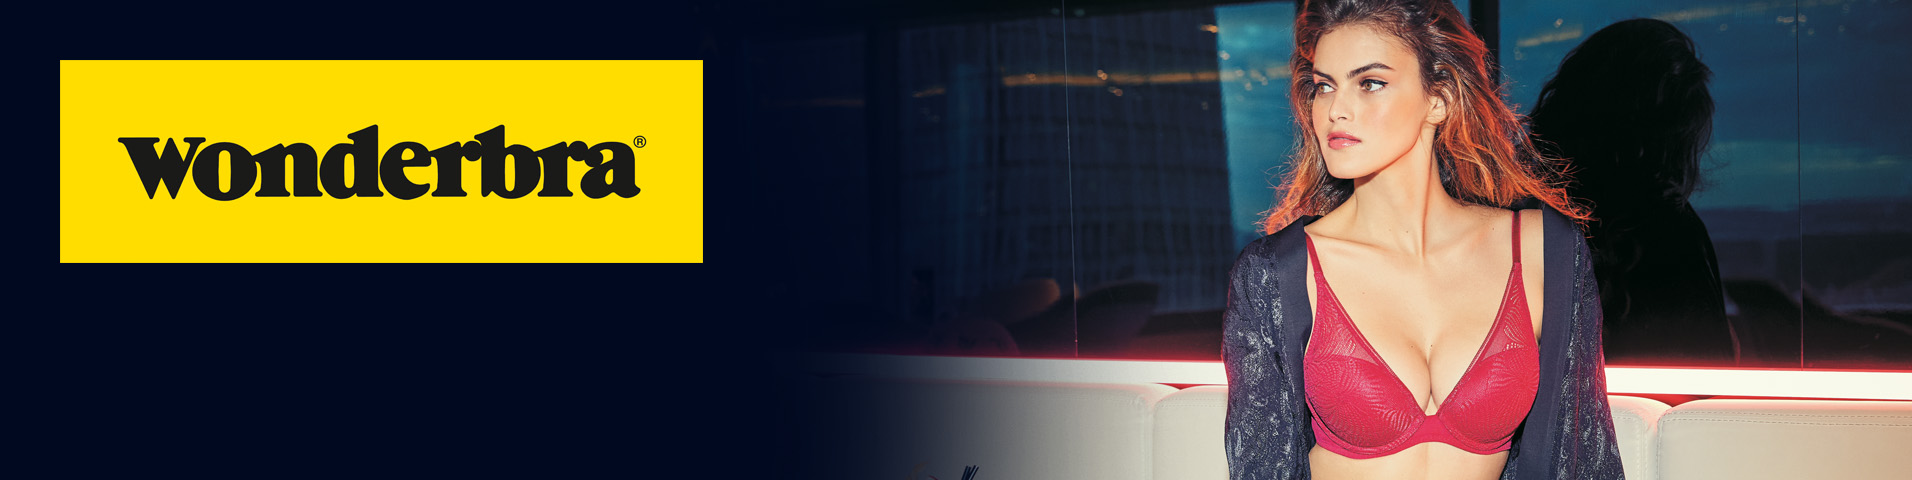 397a161cd0 Bielizna damska Wonderbra darmowa dostawa zamówienia w ZALANDO